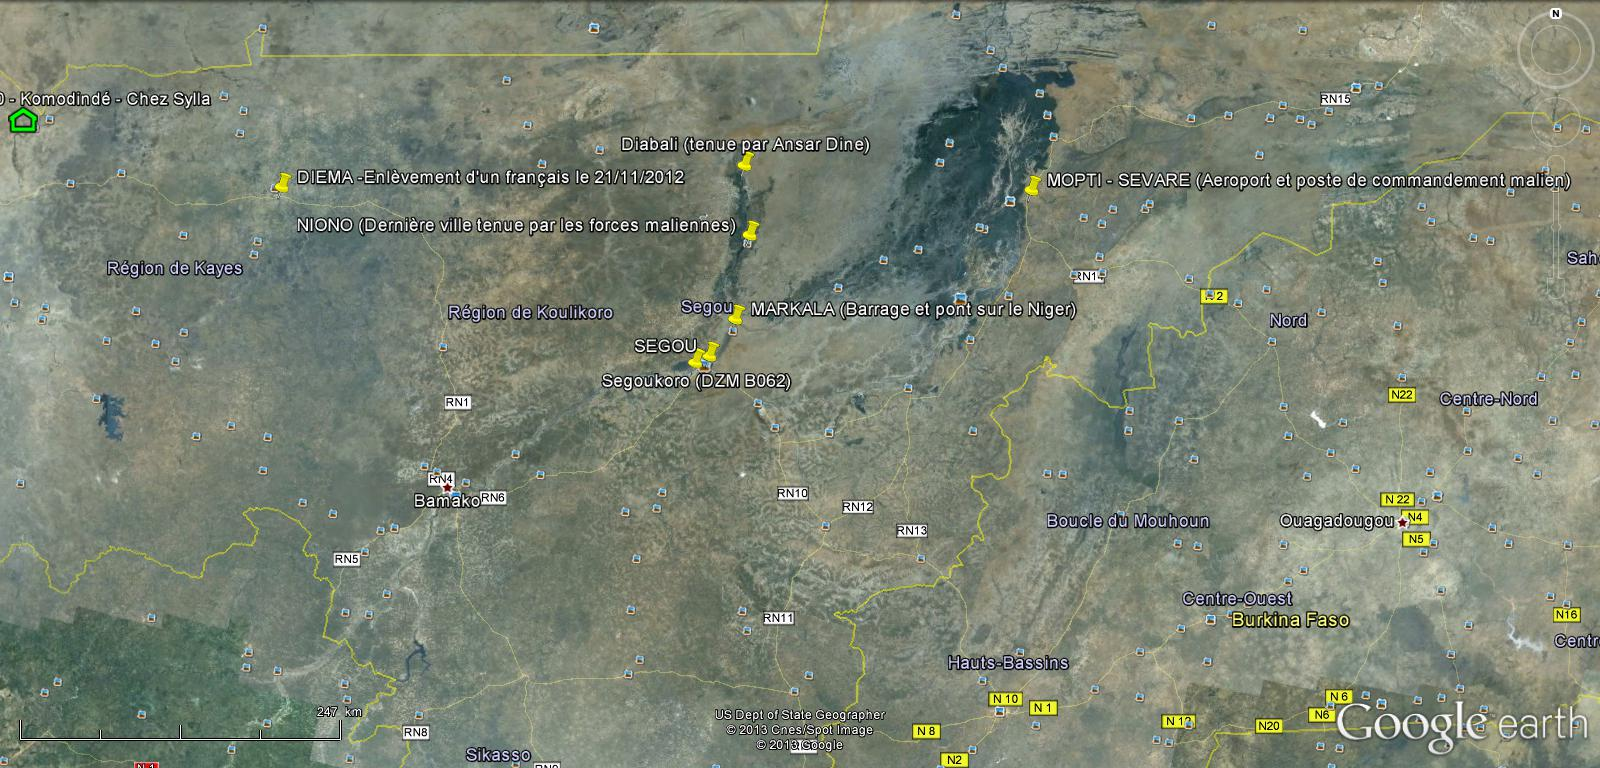 La guerre au Mali Mali_110